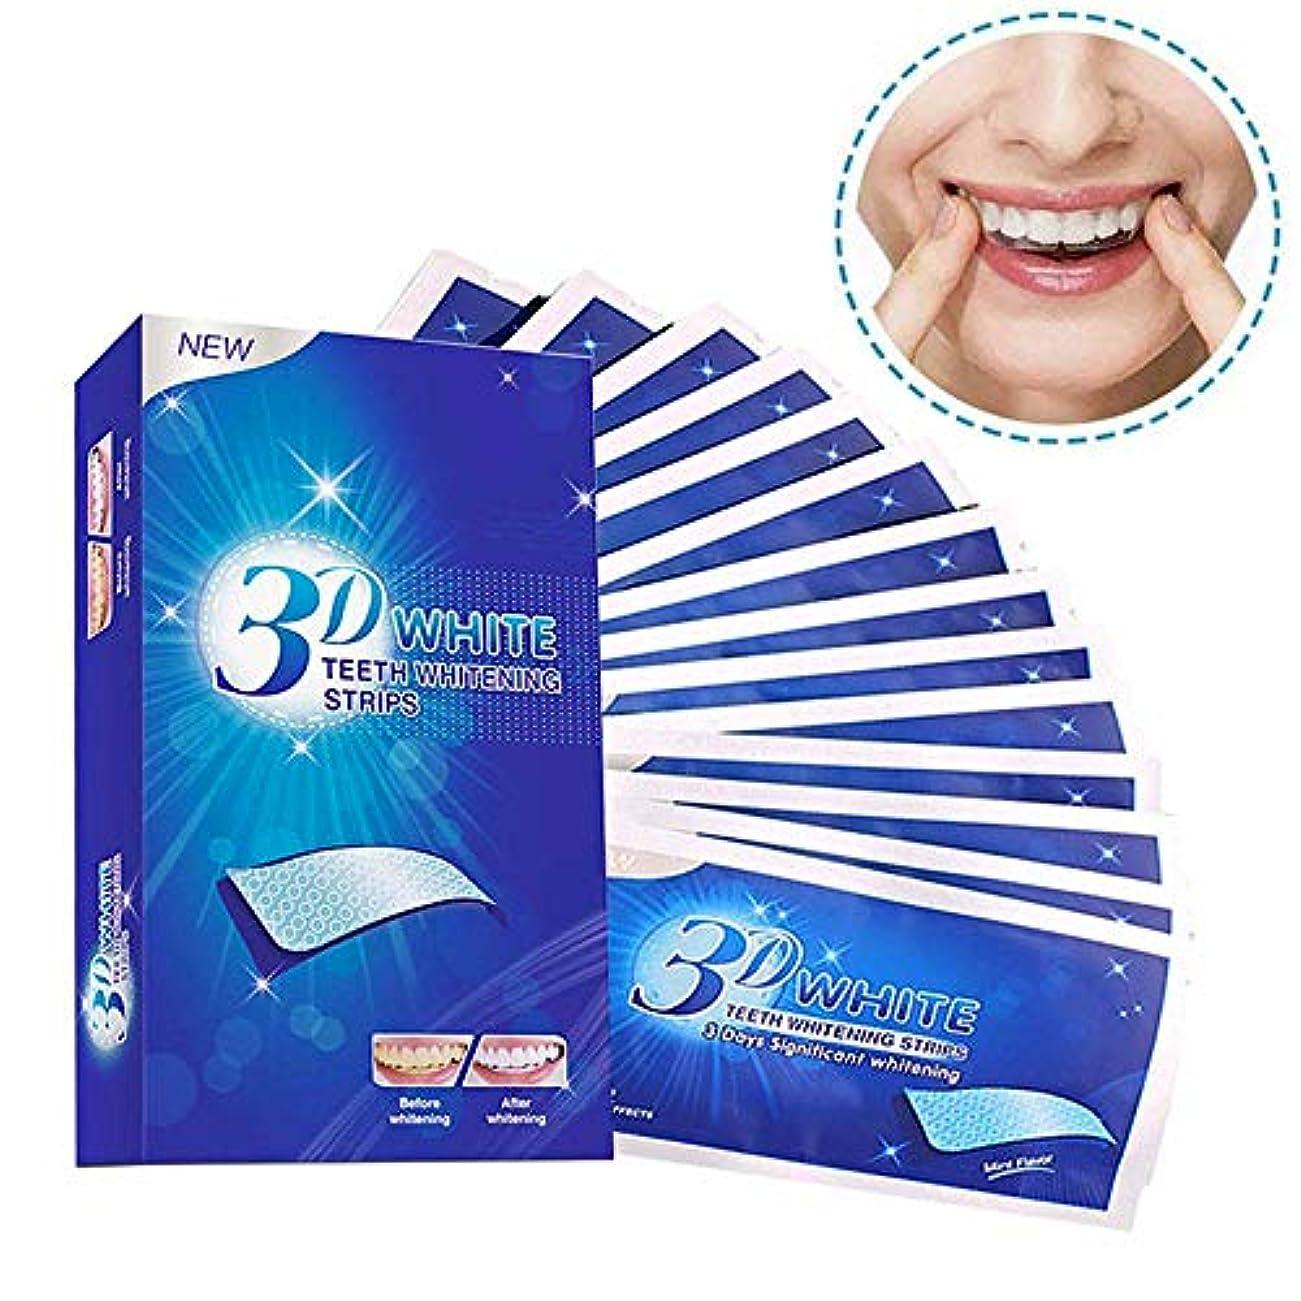 コントローラ警告達成可能歯 美白 ホワイトニング マニキュア 歯ケア 歯のホワイトニング 美白歯磨き 歯を白 ホワイトニングテープ 歯を漂白 7セット/14枚 (7セット/14枚)